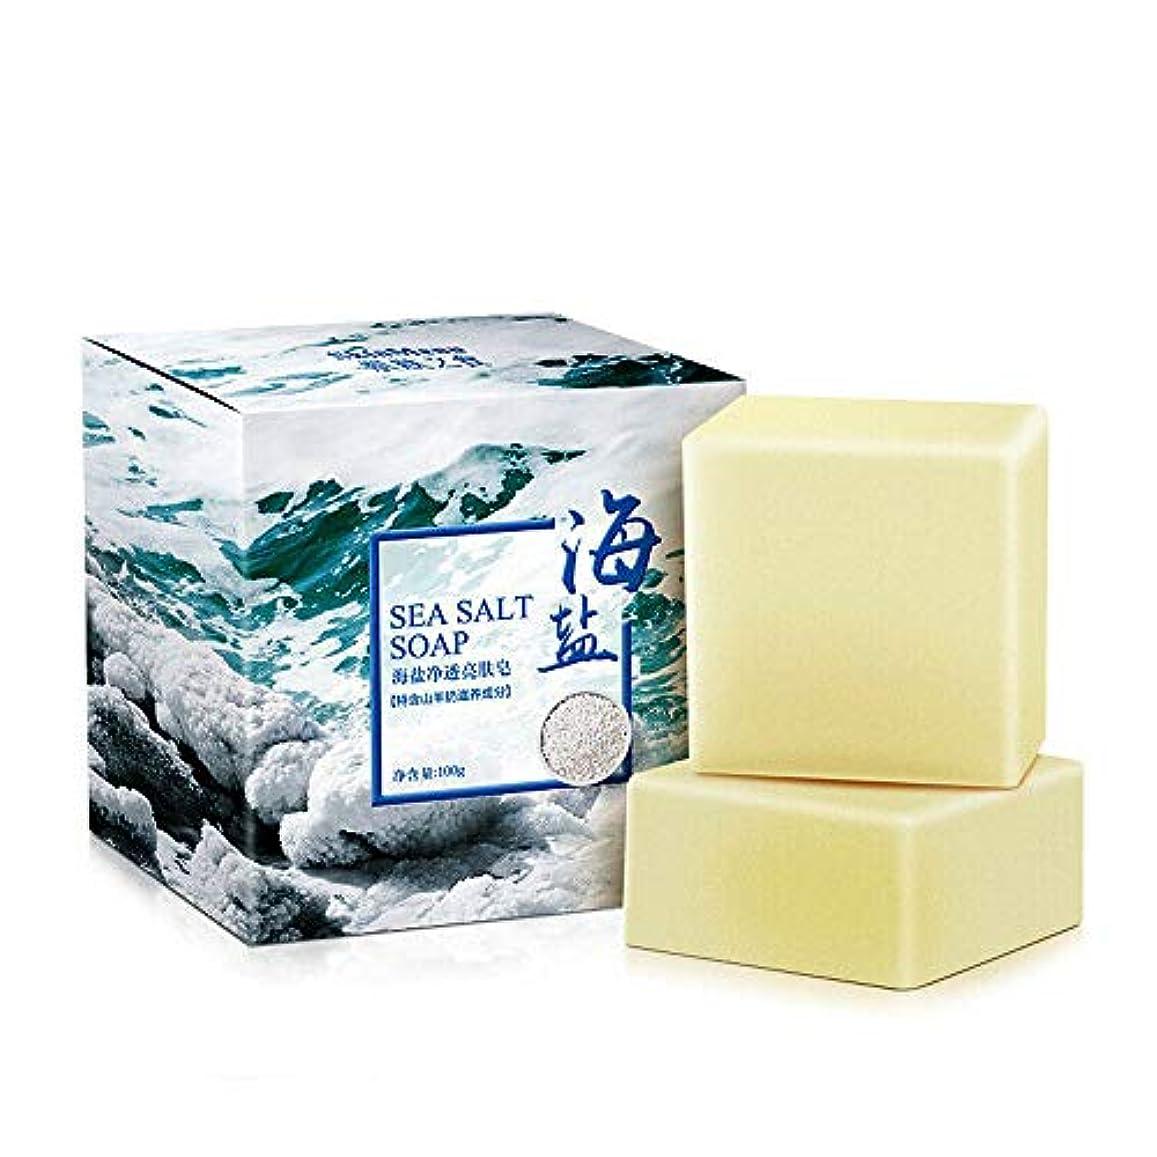 援助褒賞風邪をひくせっけん 石鹸 海塩 山羊乳 洗顔 ボディ用 浴用せっけん しっとり肌 植物性 無添加 白い 100g×1個入 (#2)